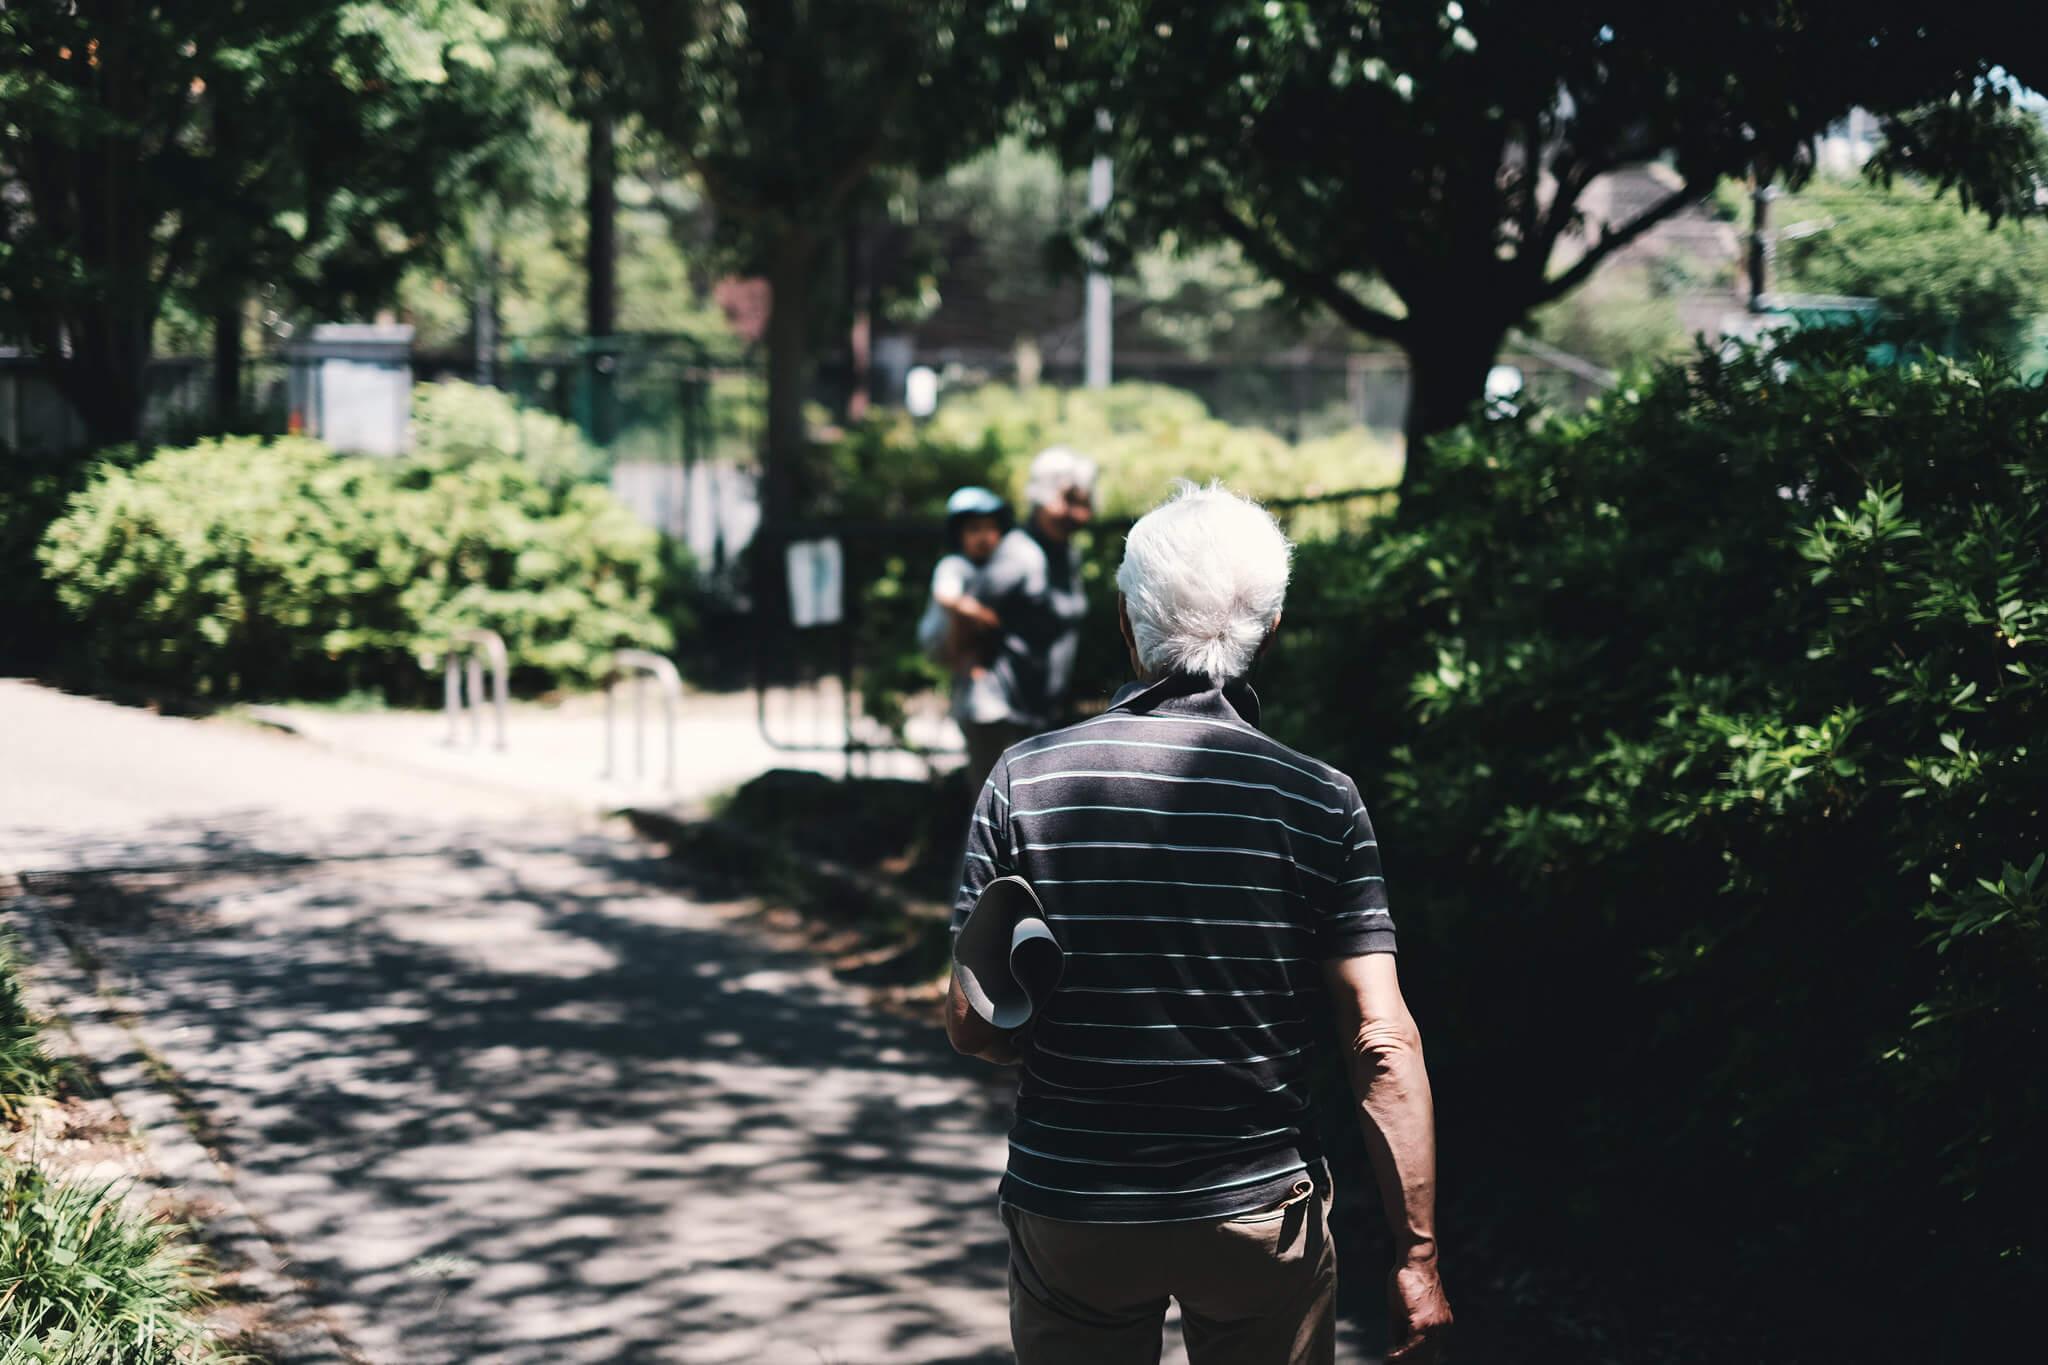 【写真多めレビュー】FUJIFILM X-T10&FUJINON XF35mm f1.4で初夏のカメラ散歩